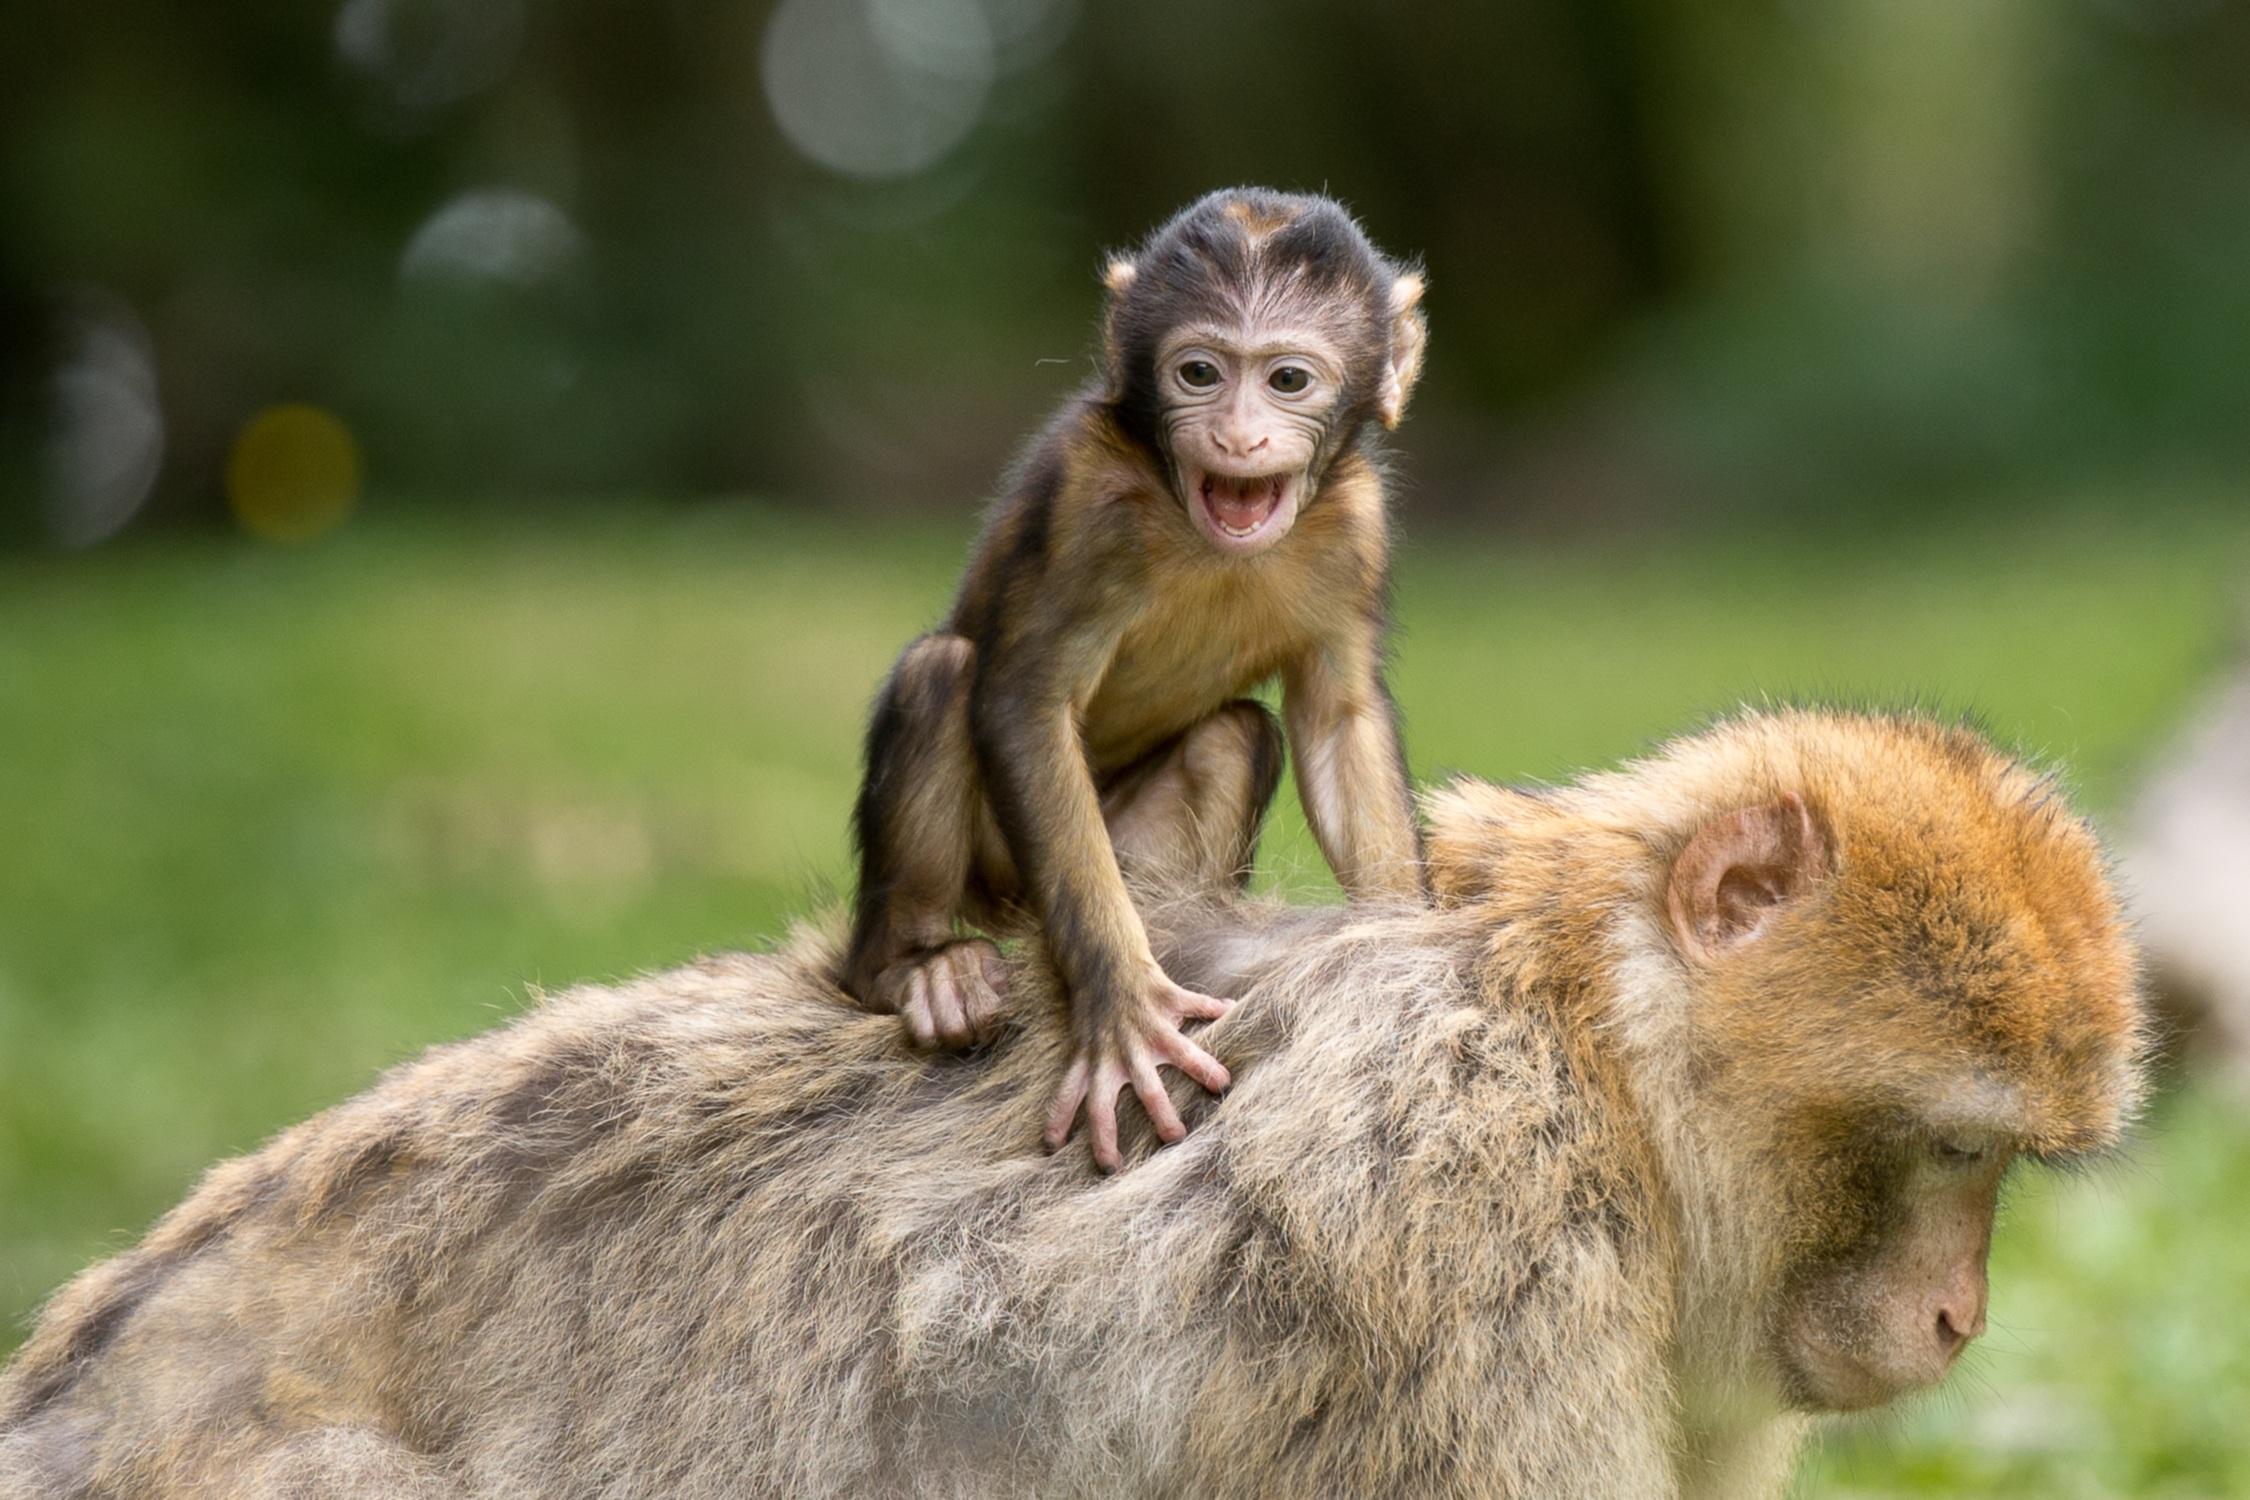 ape-berber-monkeys-mammal-affchen-50988.jpeg